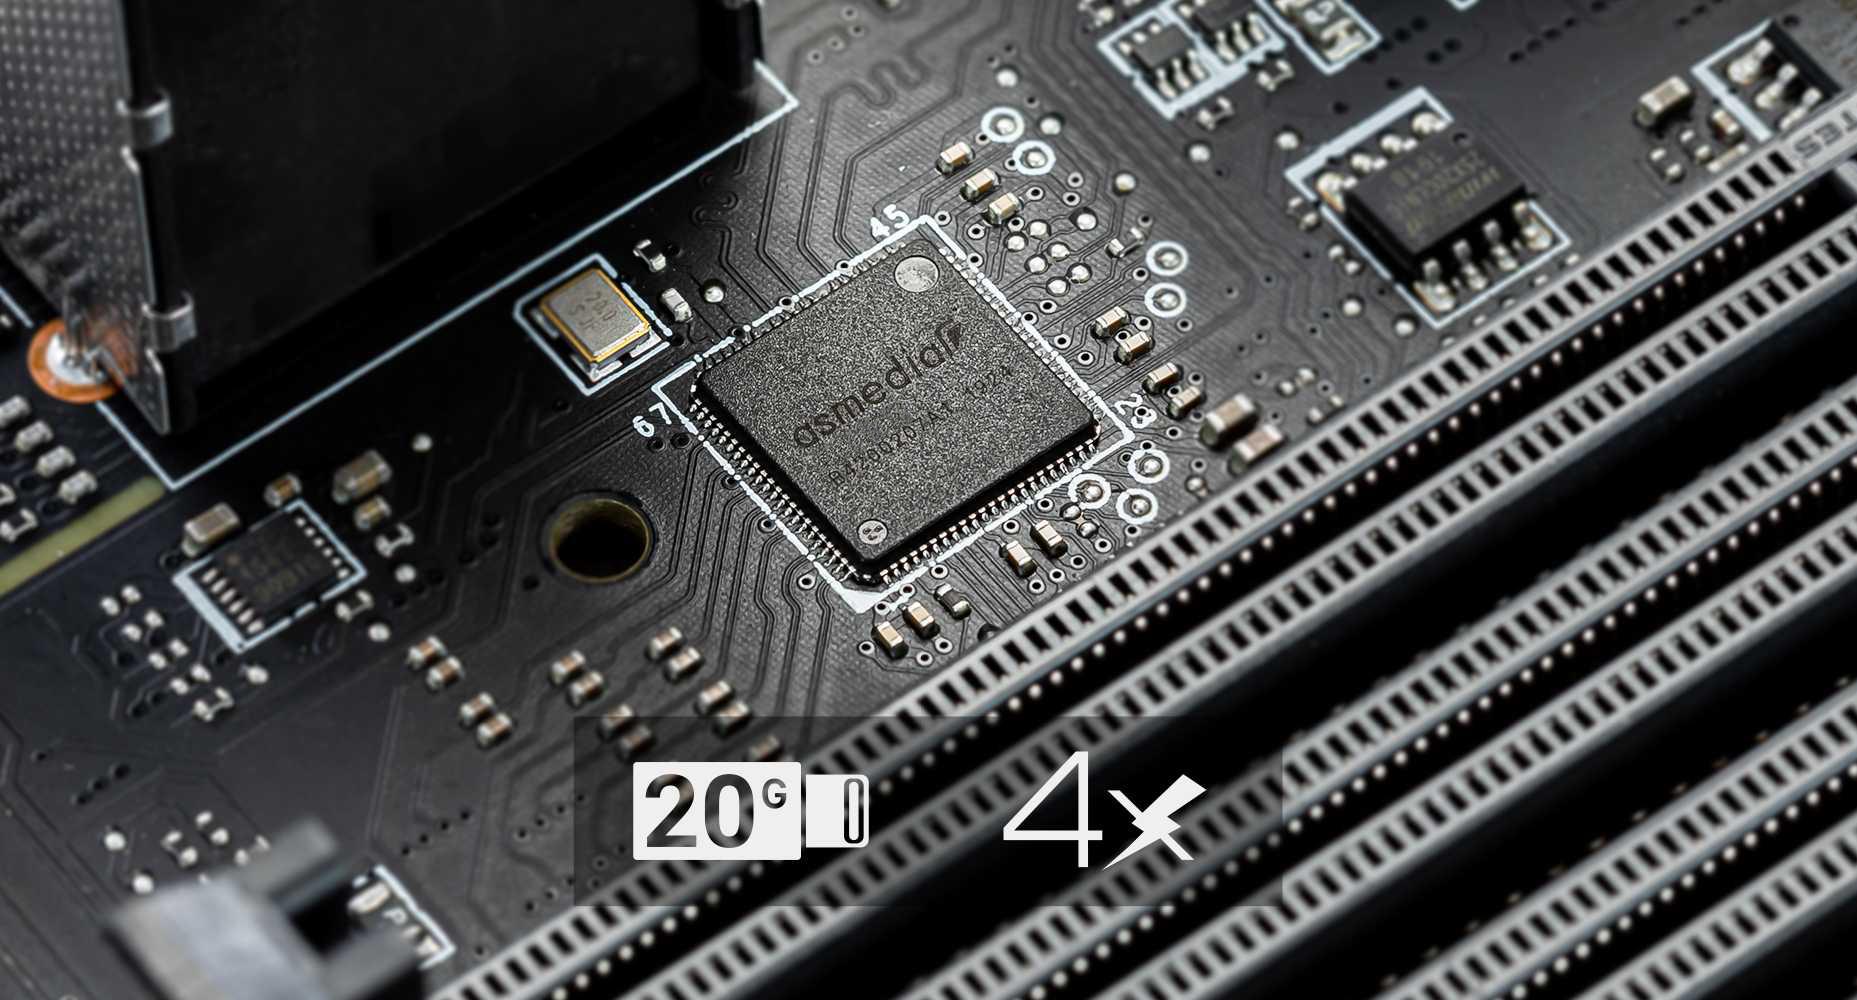 MSI Lightning USB 20G